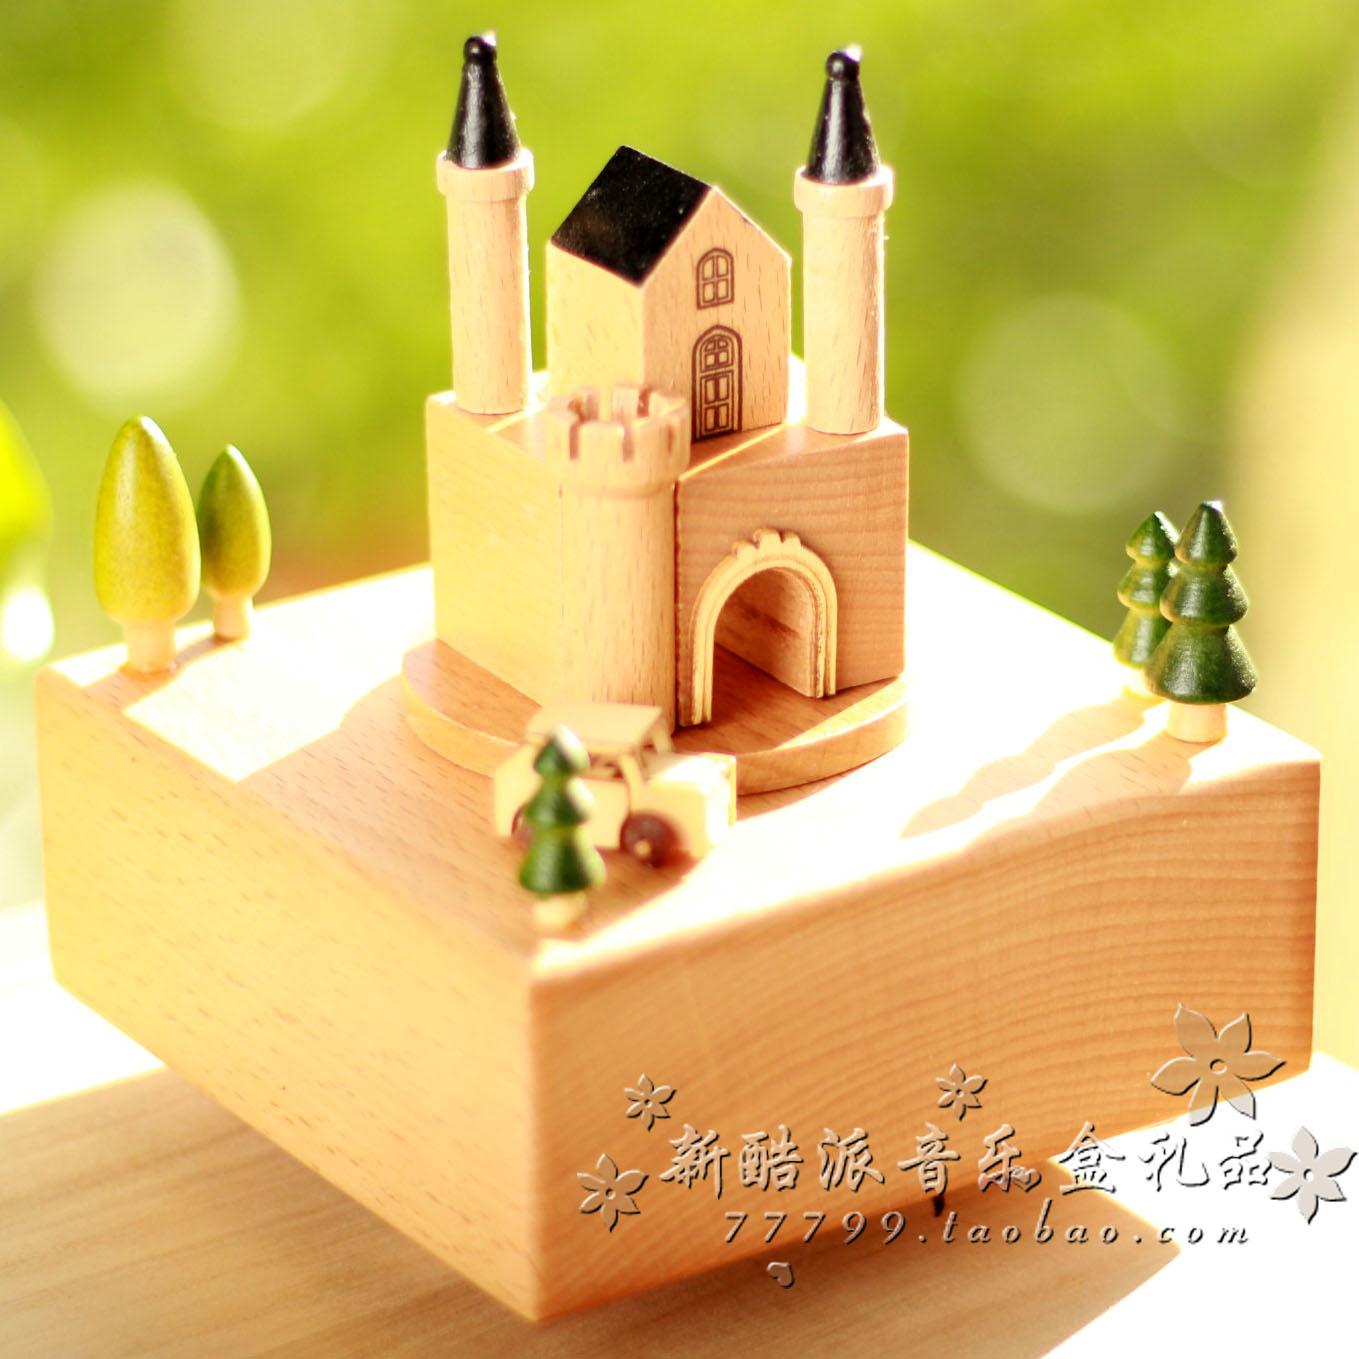 音乐盒八音盒精品木质发条旋转快乐城堡情人节生日儿童圣诞礼物